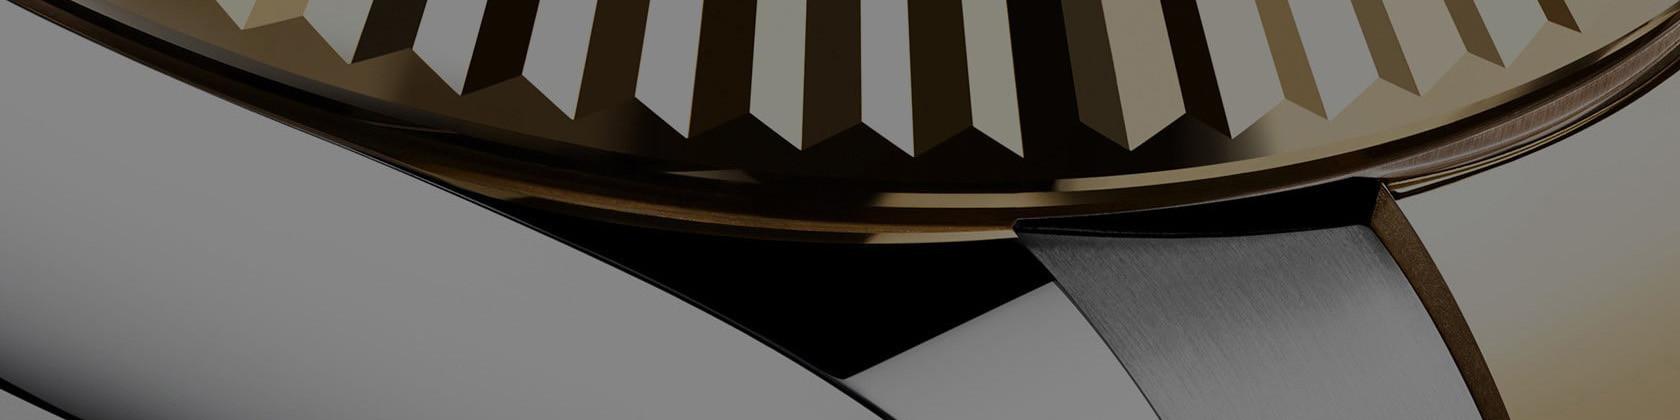 Detailaufnahme des Gehäuse der Rolex Sky-Dweller